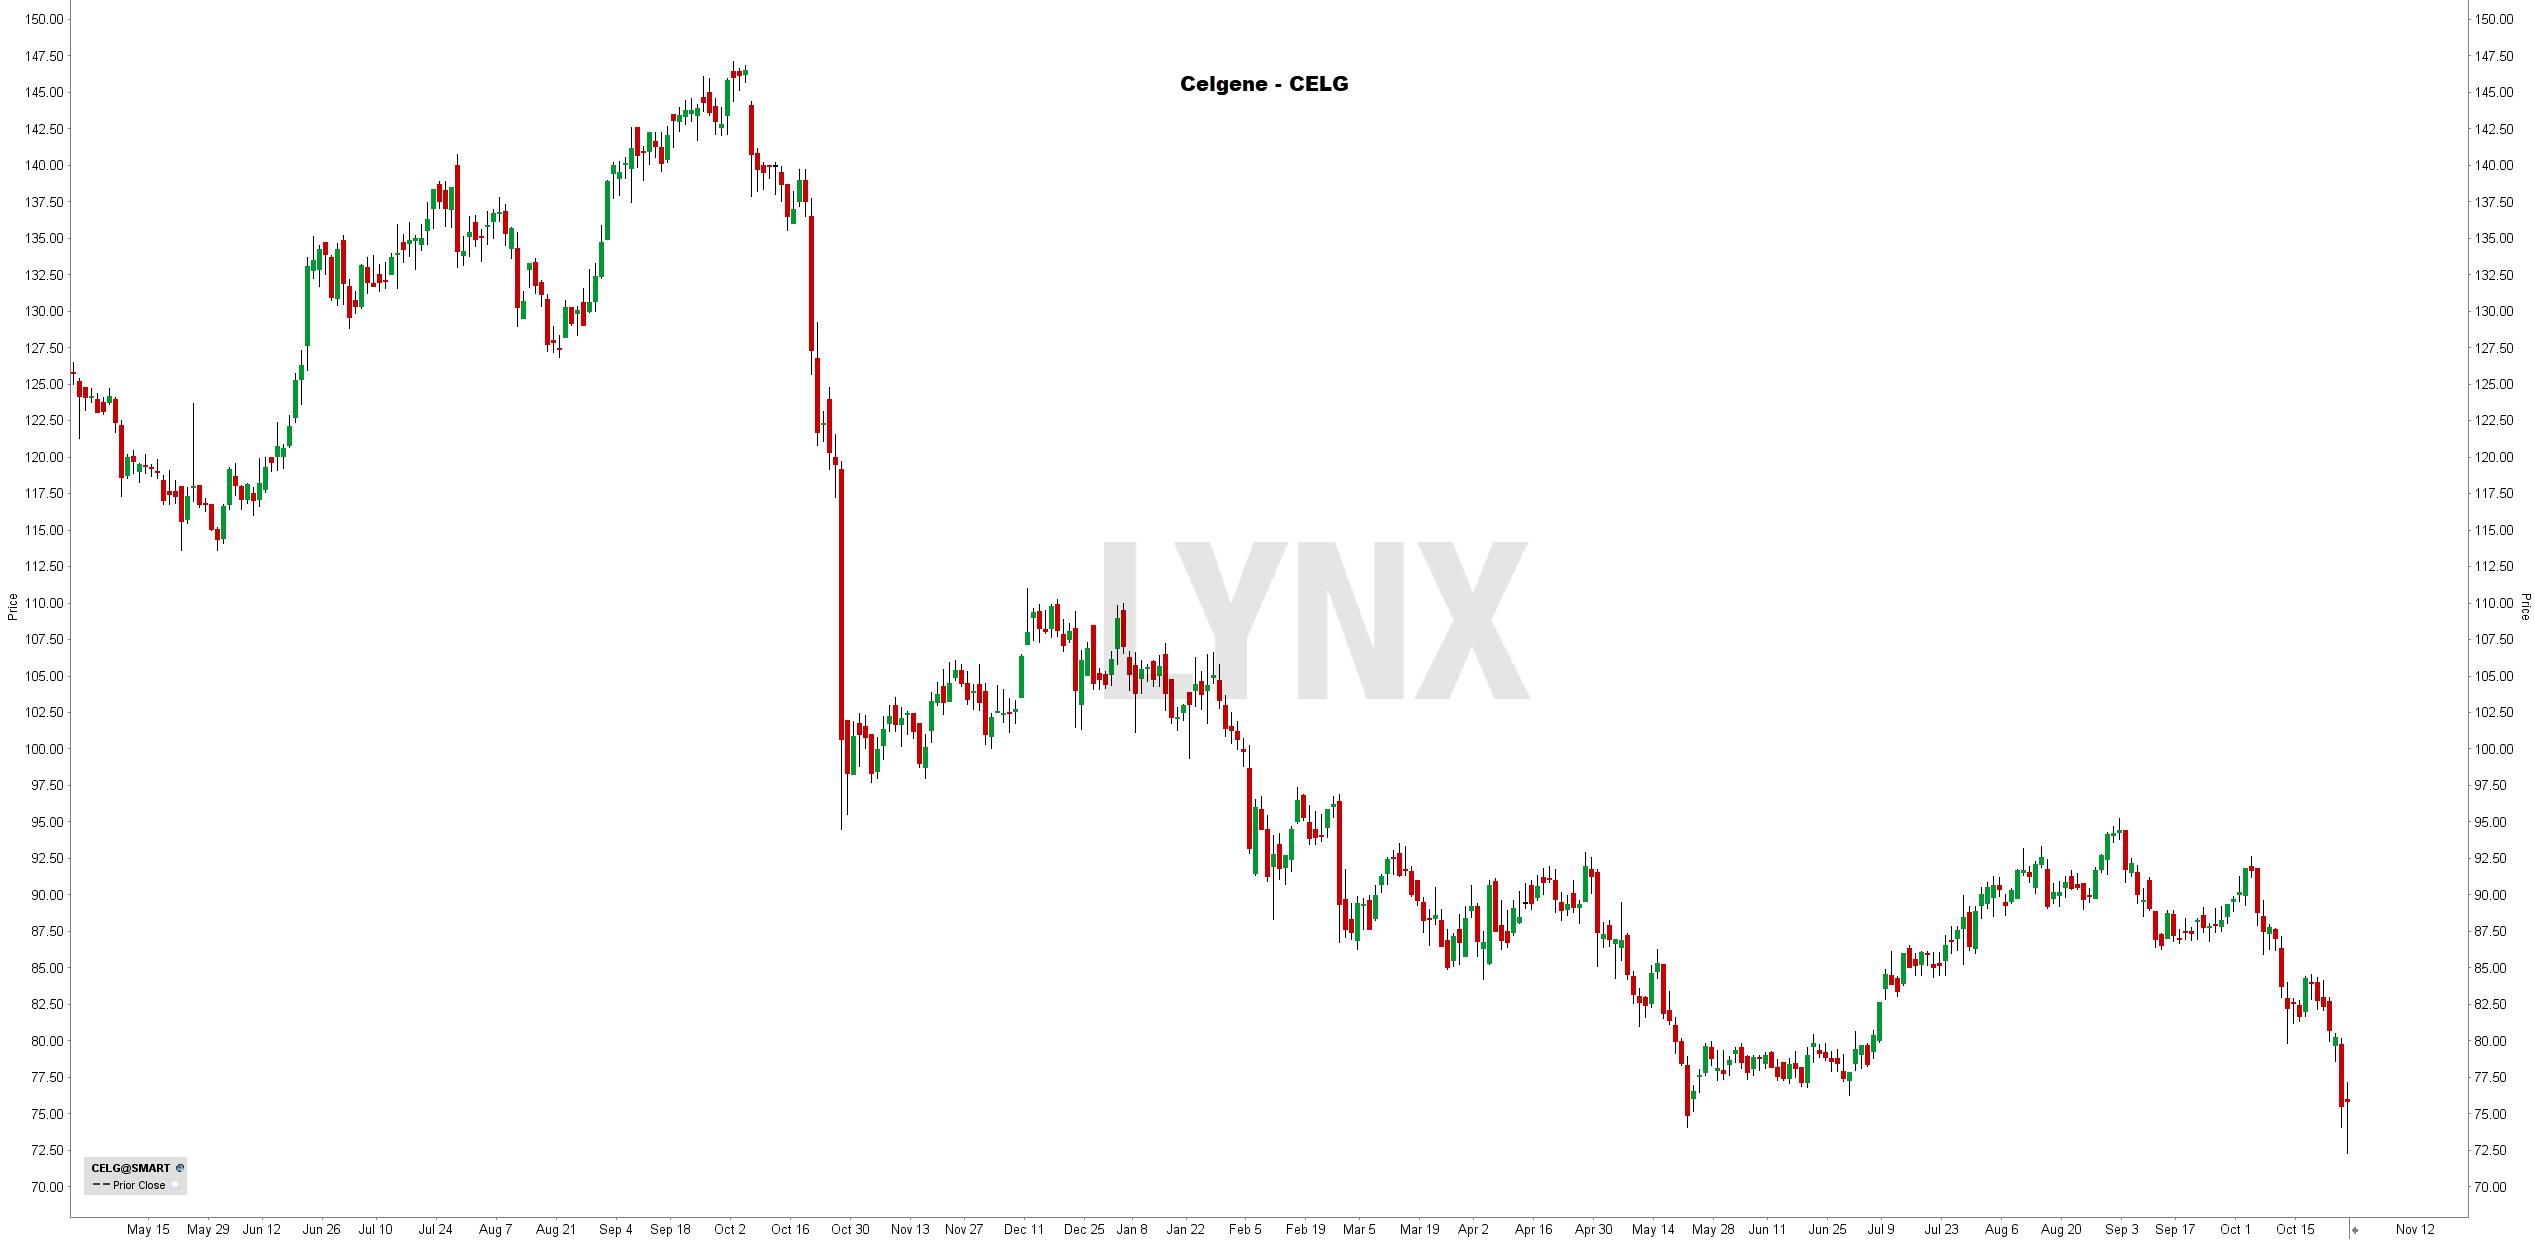 Handelsspanningen raken winst ThyssenKrupp